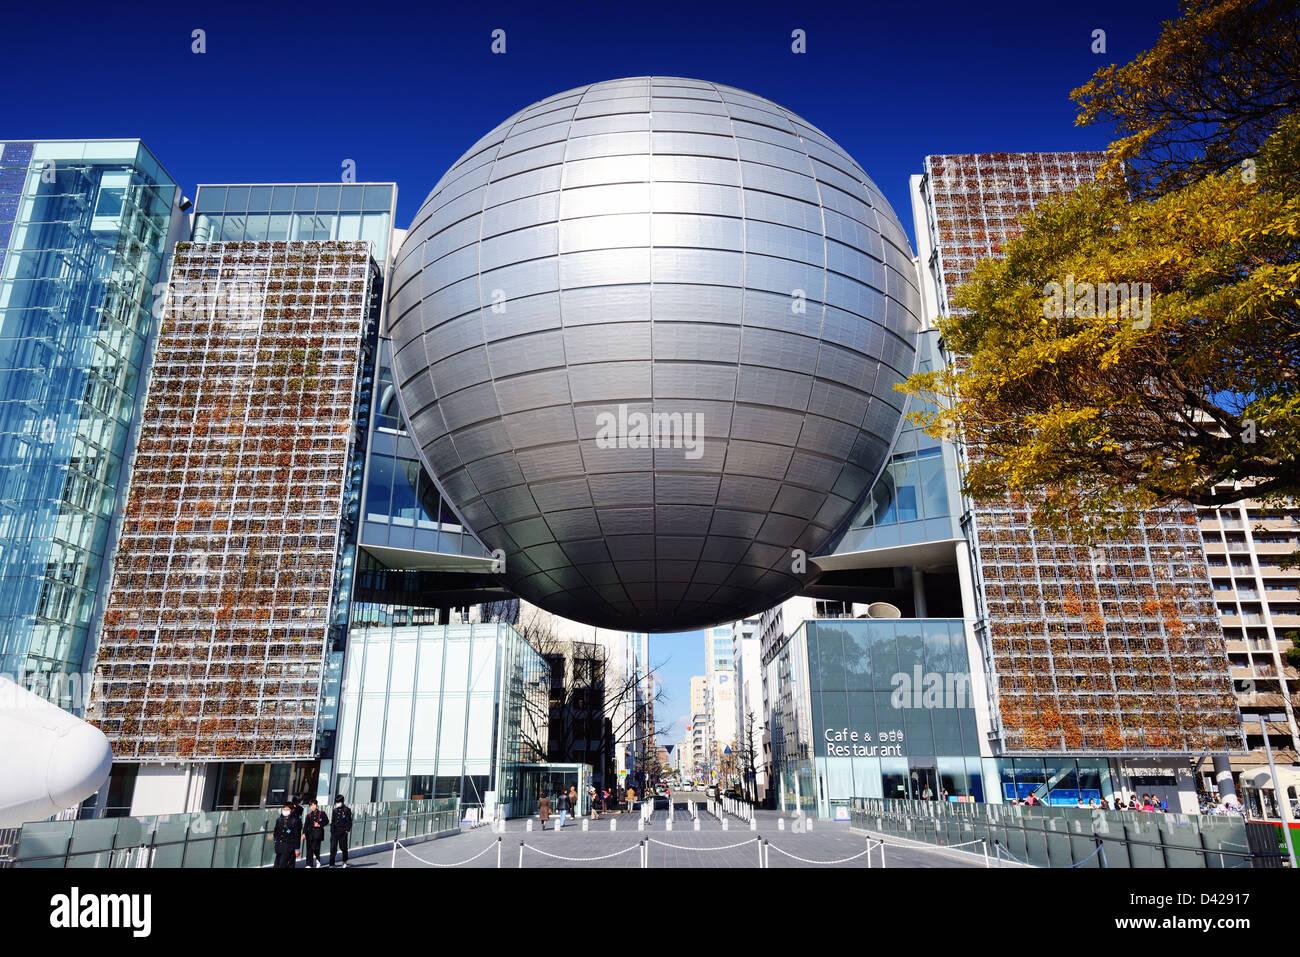 Planetarium at Nagoya City Science Museum in Nagoya, Japan. - Stock Image